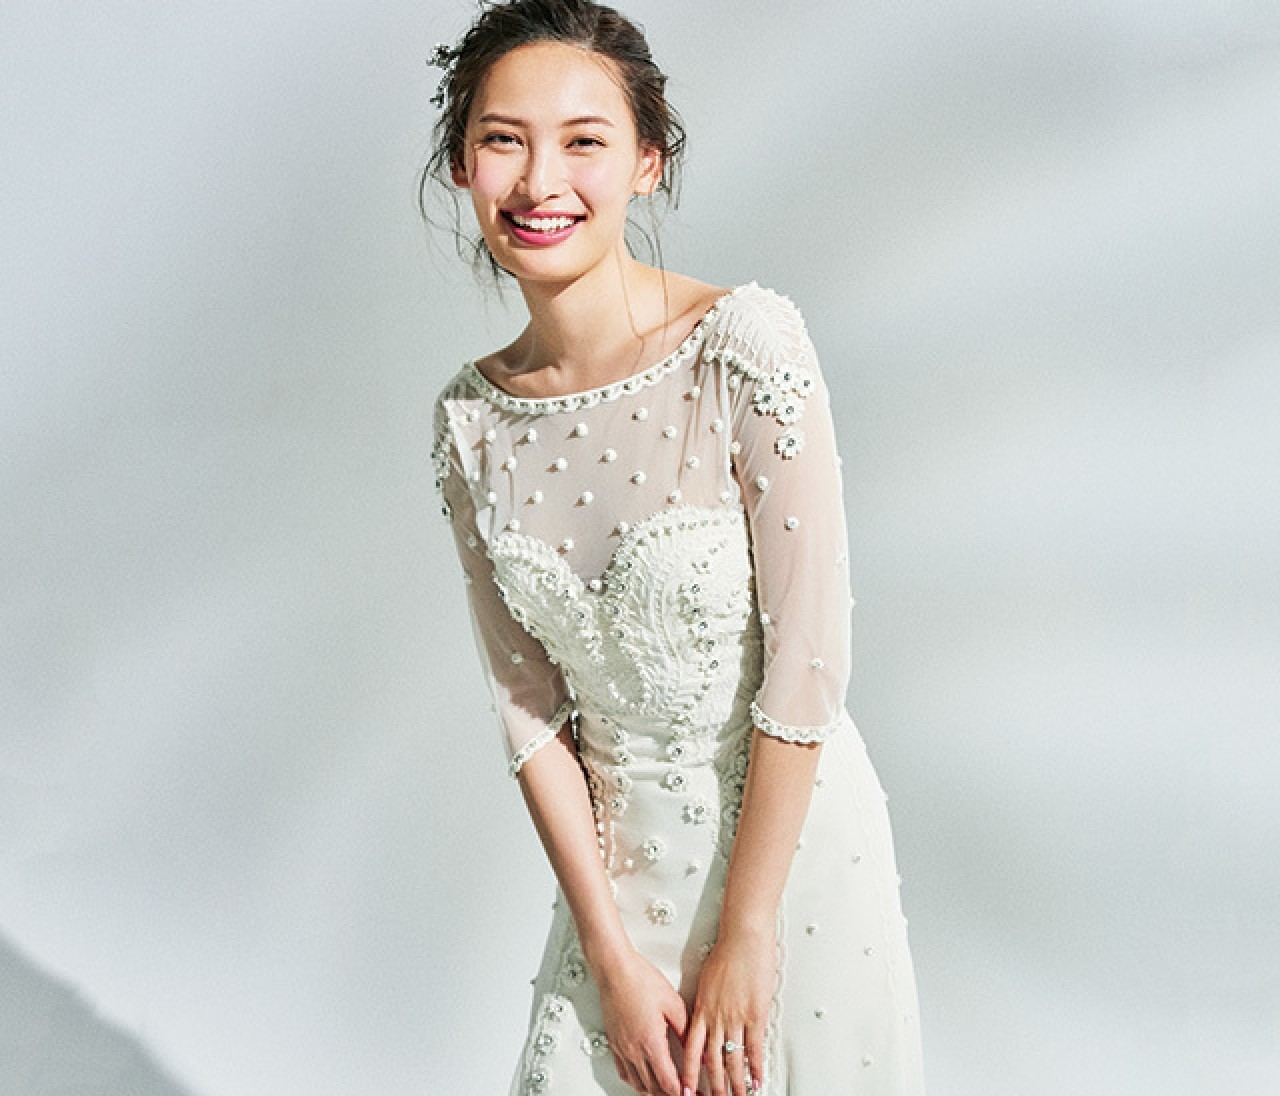 トレンドドレス派さんのチアフルなモチーフリング【好みのドレスから考えるウエディングリング 1】